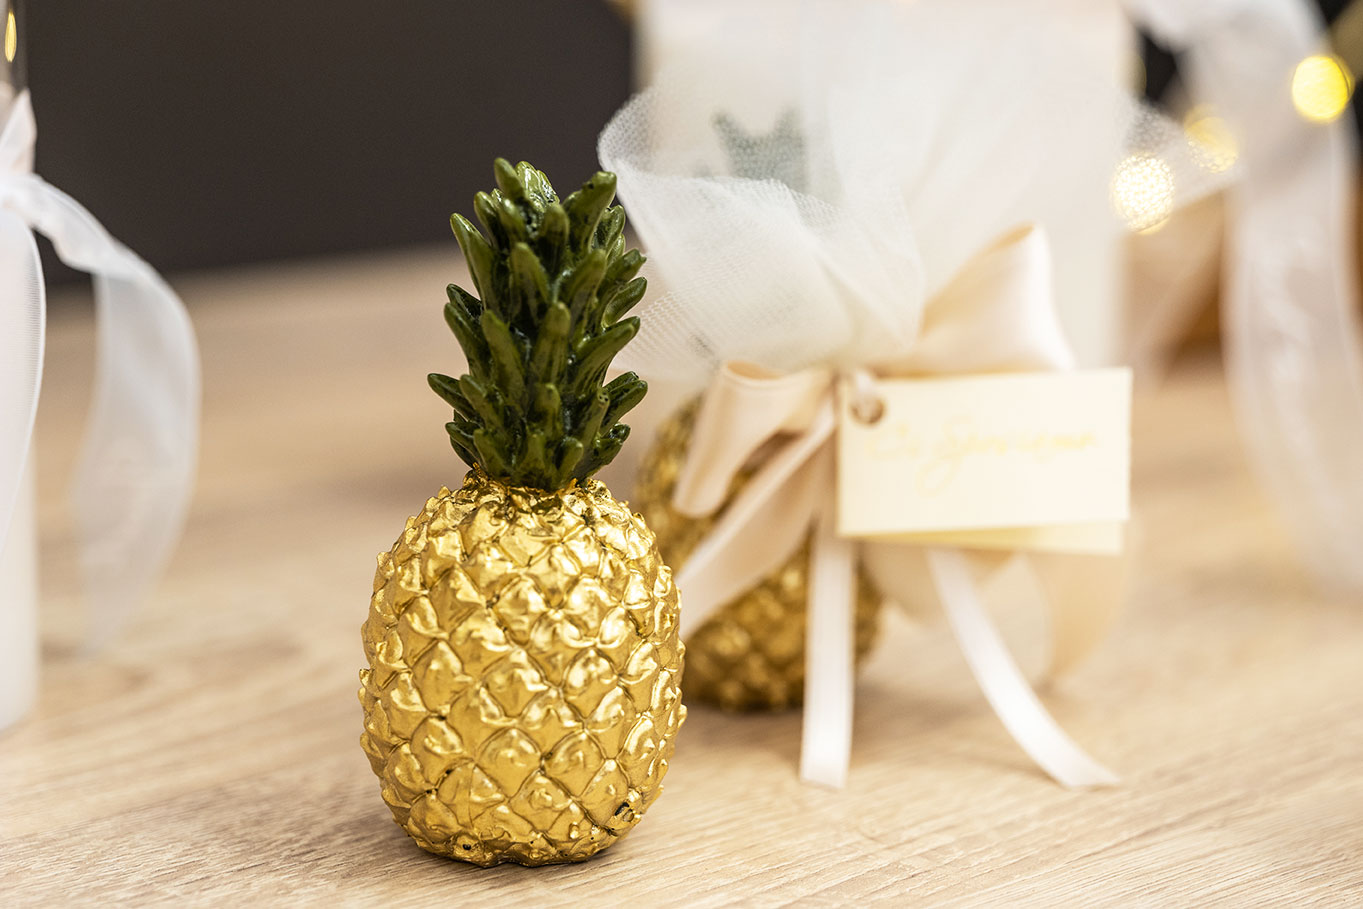 Ananas-dorata---Bomboniere-per-matrimonio-2021,-allestimenti-raffinati-e-confettate-golose-per-un-matrimonio-elegante-e-indimenticabile